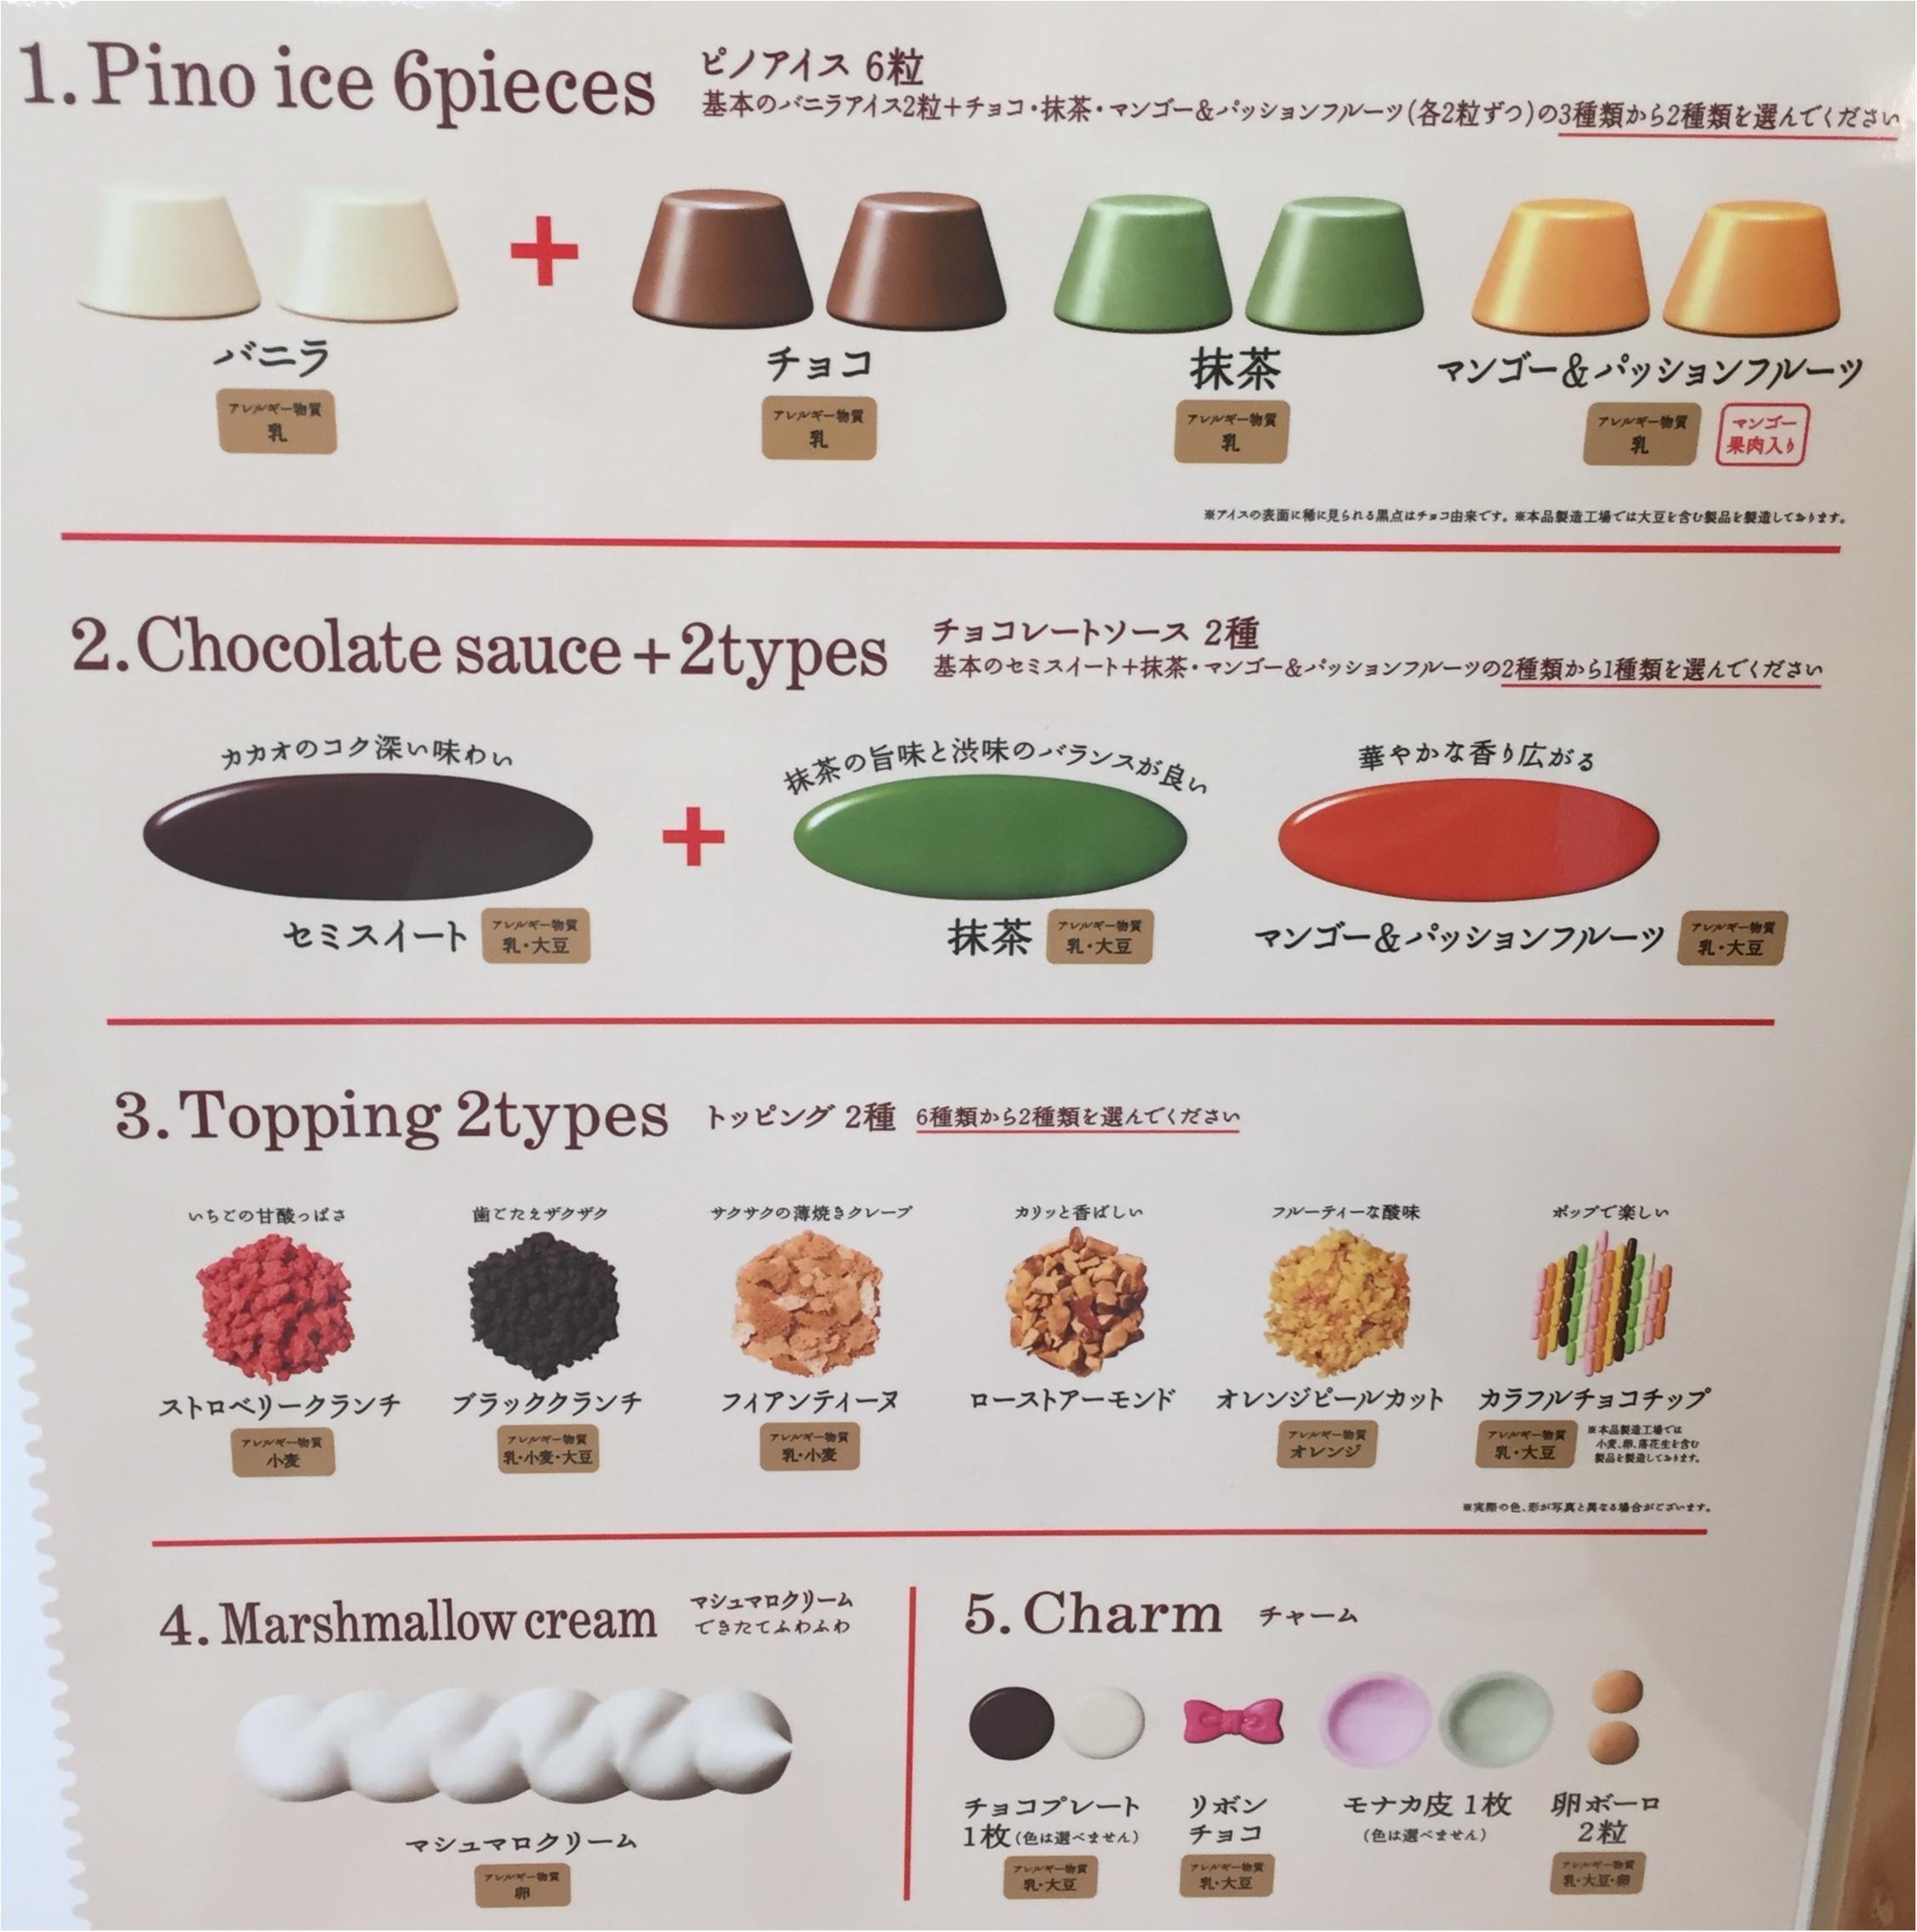 アイスの『pino』がつくった【ピノフォンデュカフェ】今年も東急プラザ表参道原宿3Fにオープン!大阪も今週末オープン✨≪samenyan≫_9